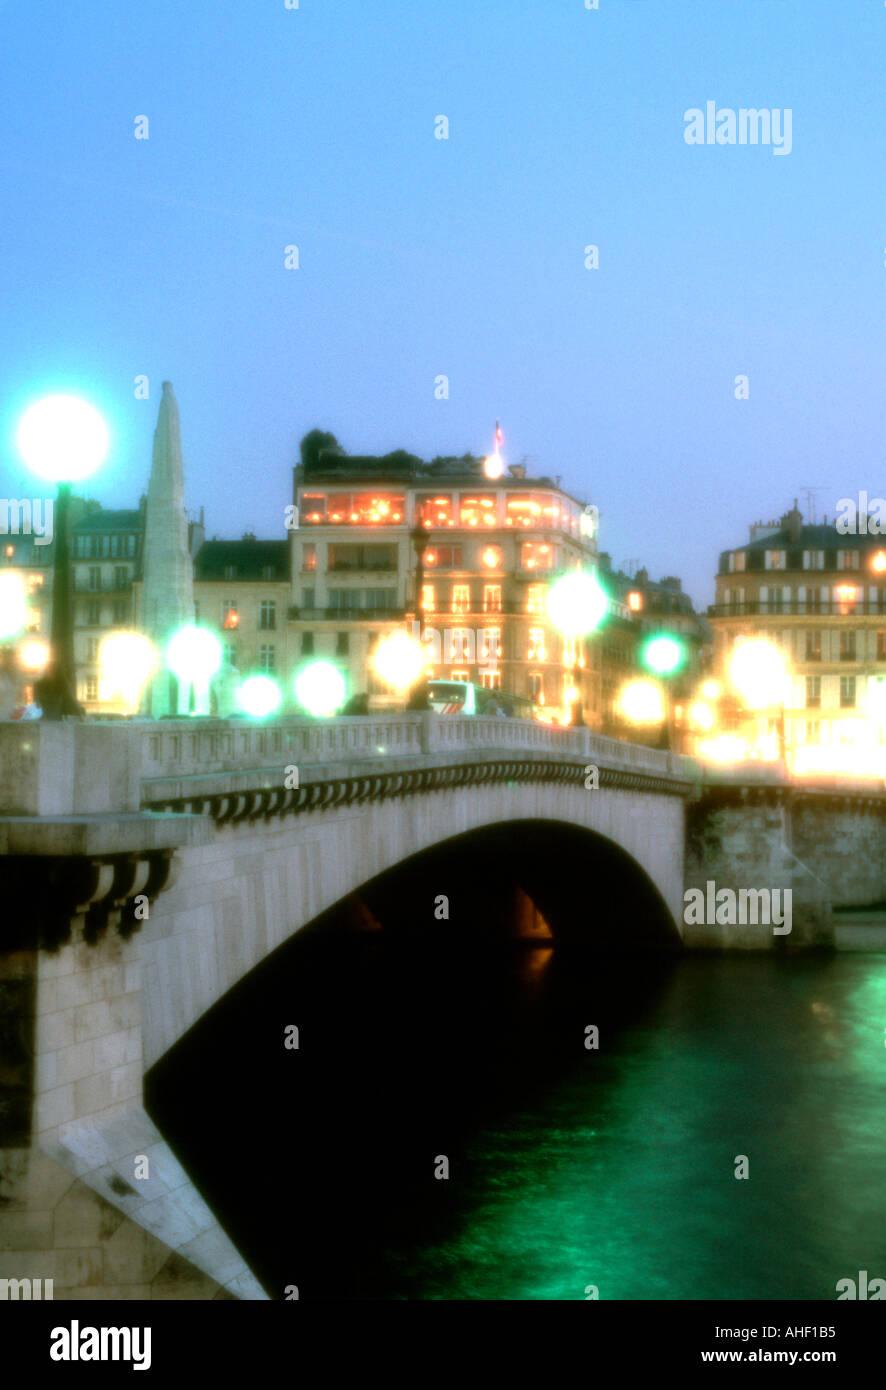 Romantic View, Paris, France, 'Ile Saint Louis' with Pont Marie Bridge 'Lit Up' at Night, Soft Focus - Stock Image